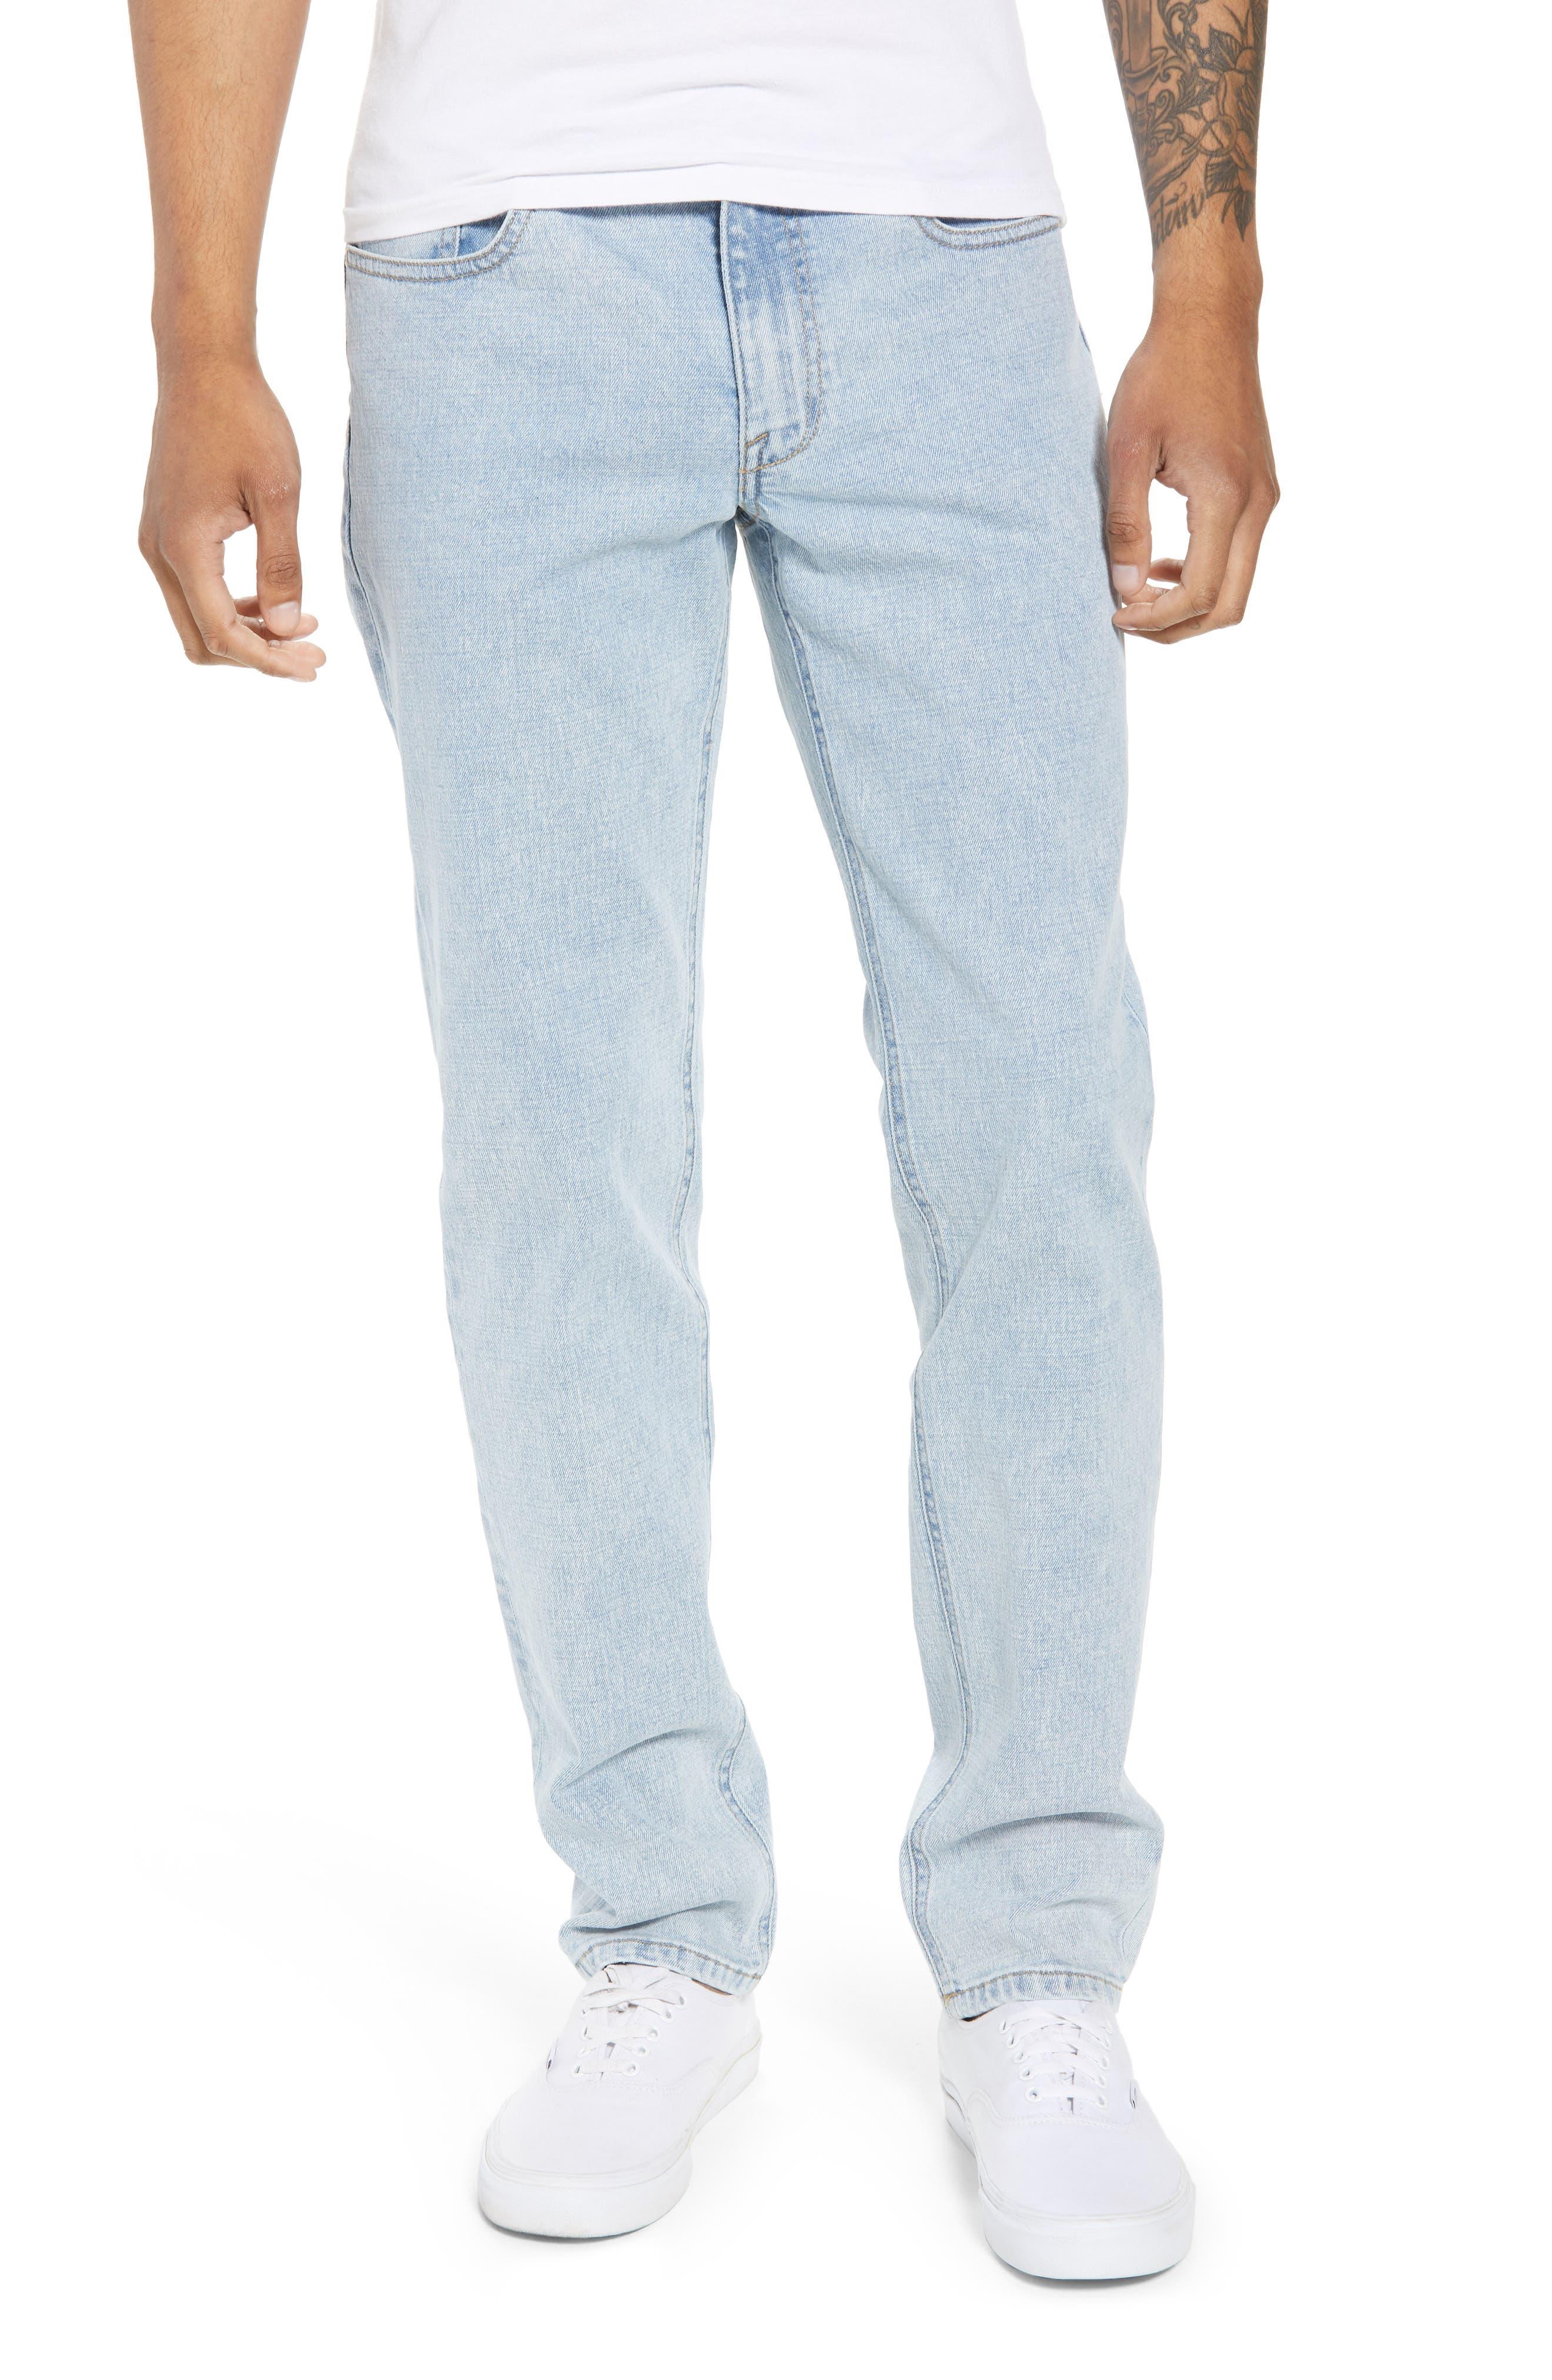 Acid Wash Stretch Slim Leg Jeans,                         Main,                         color, BLUE VEDDER WASH